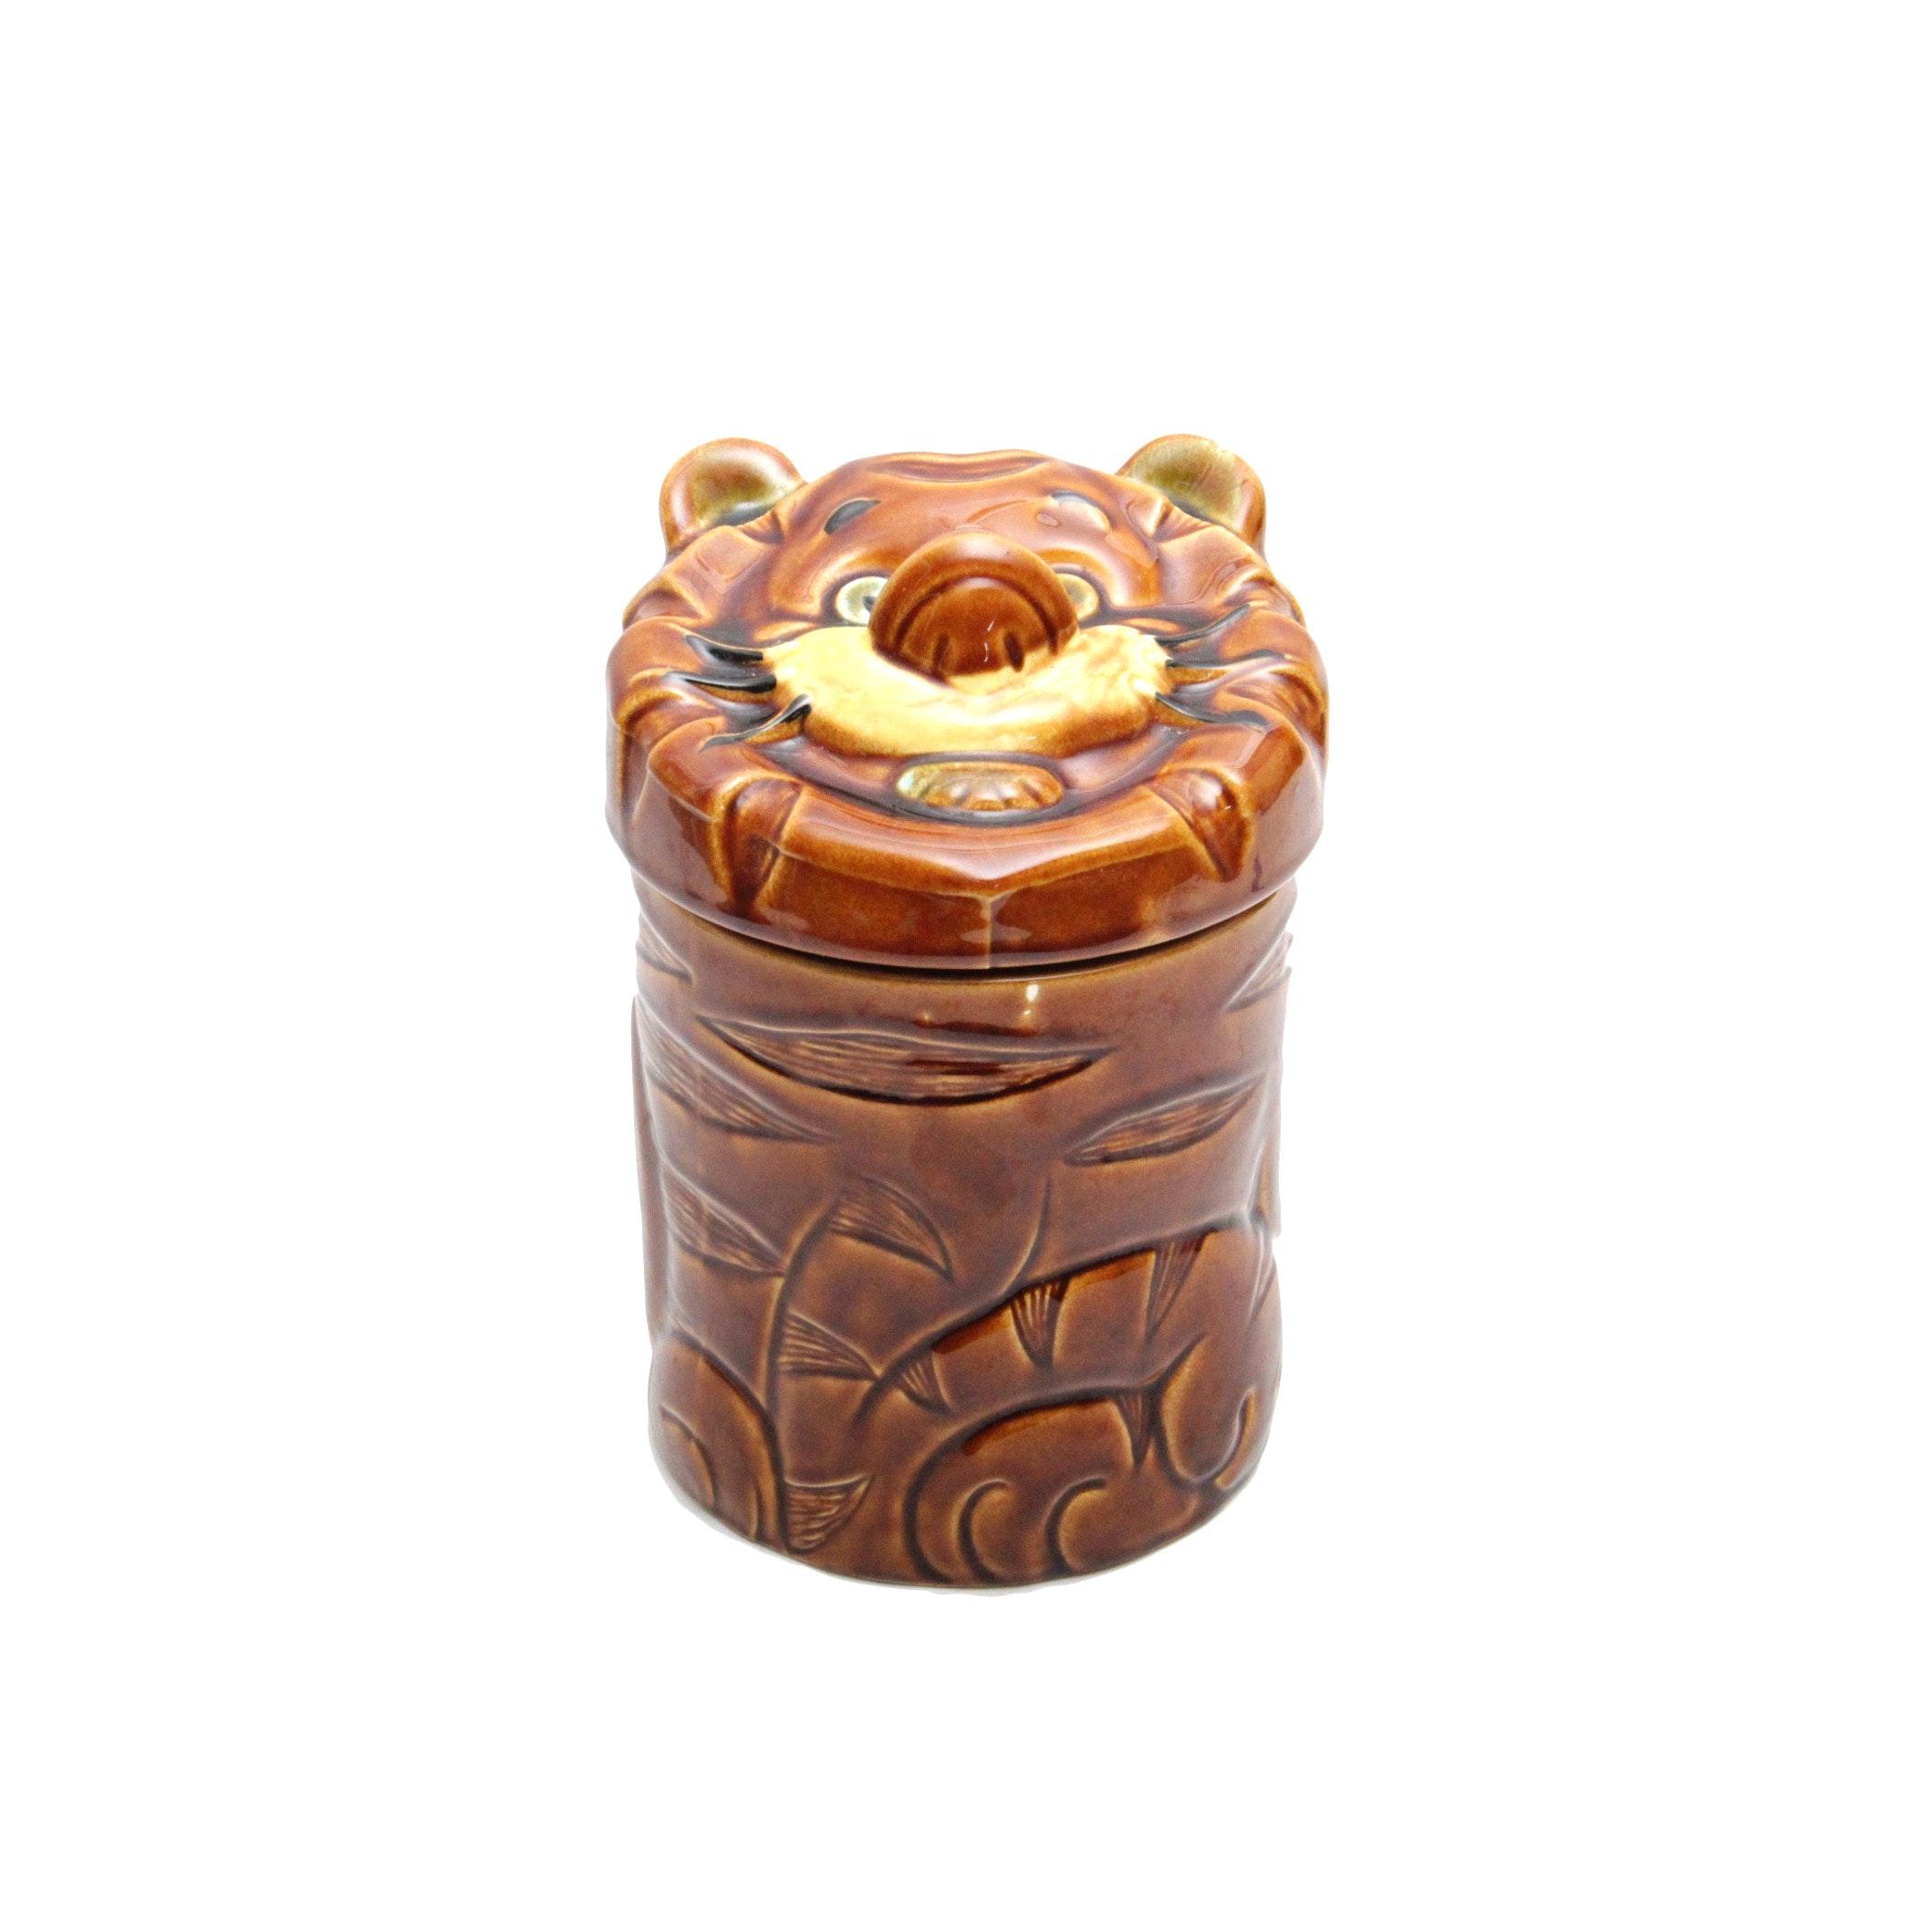 Vintage Ceramic Cookie Jar from Japan